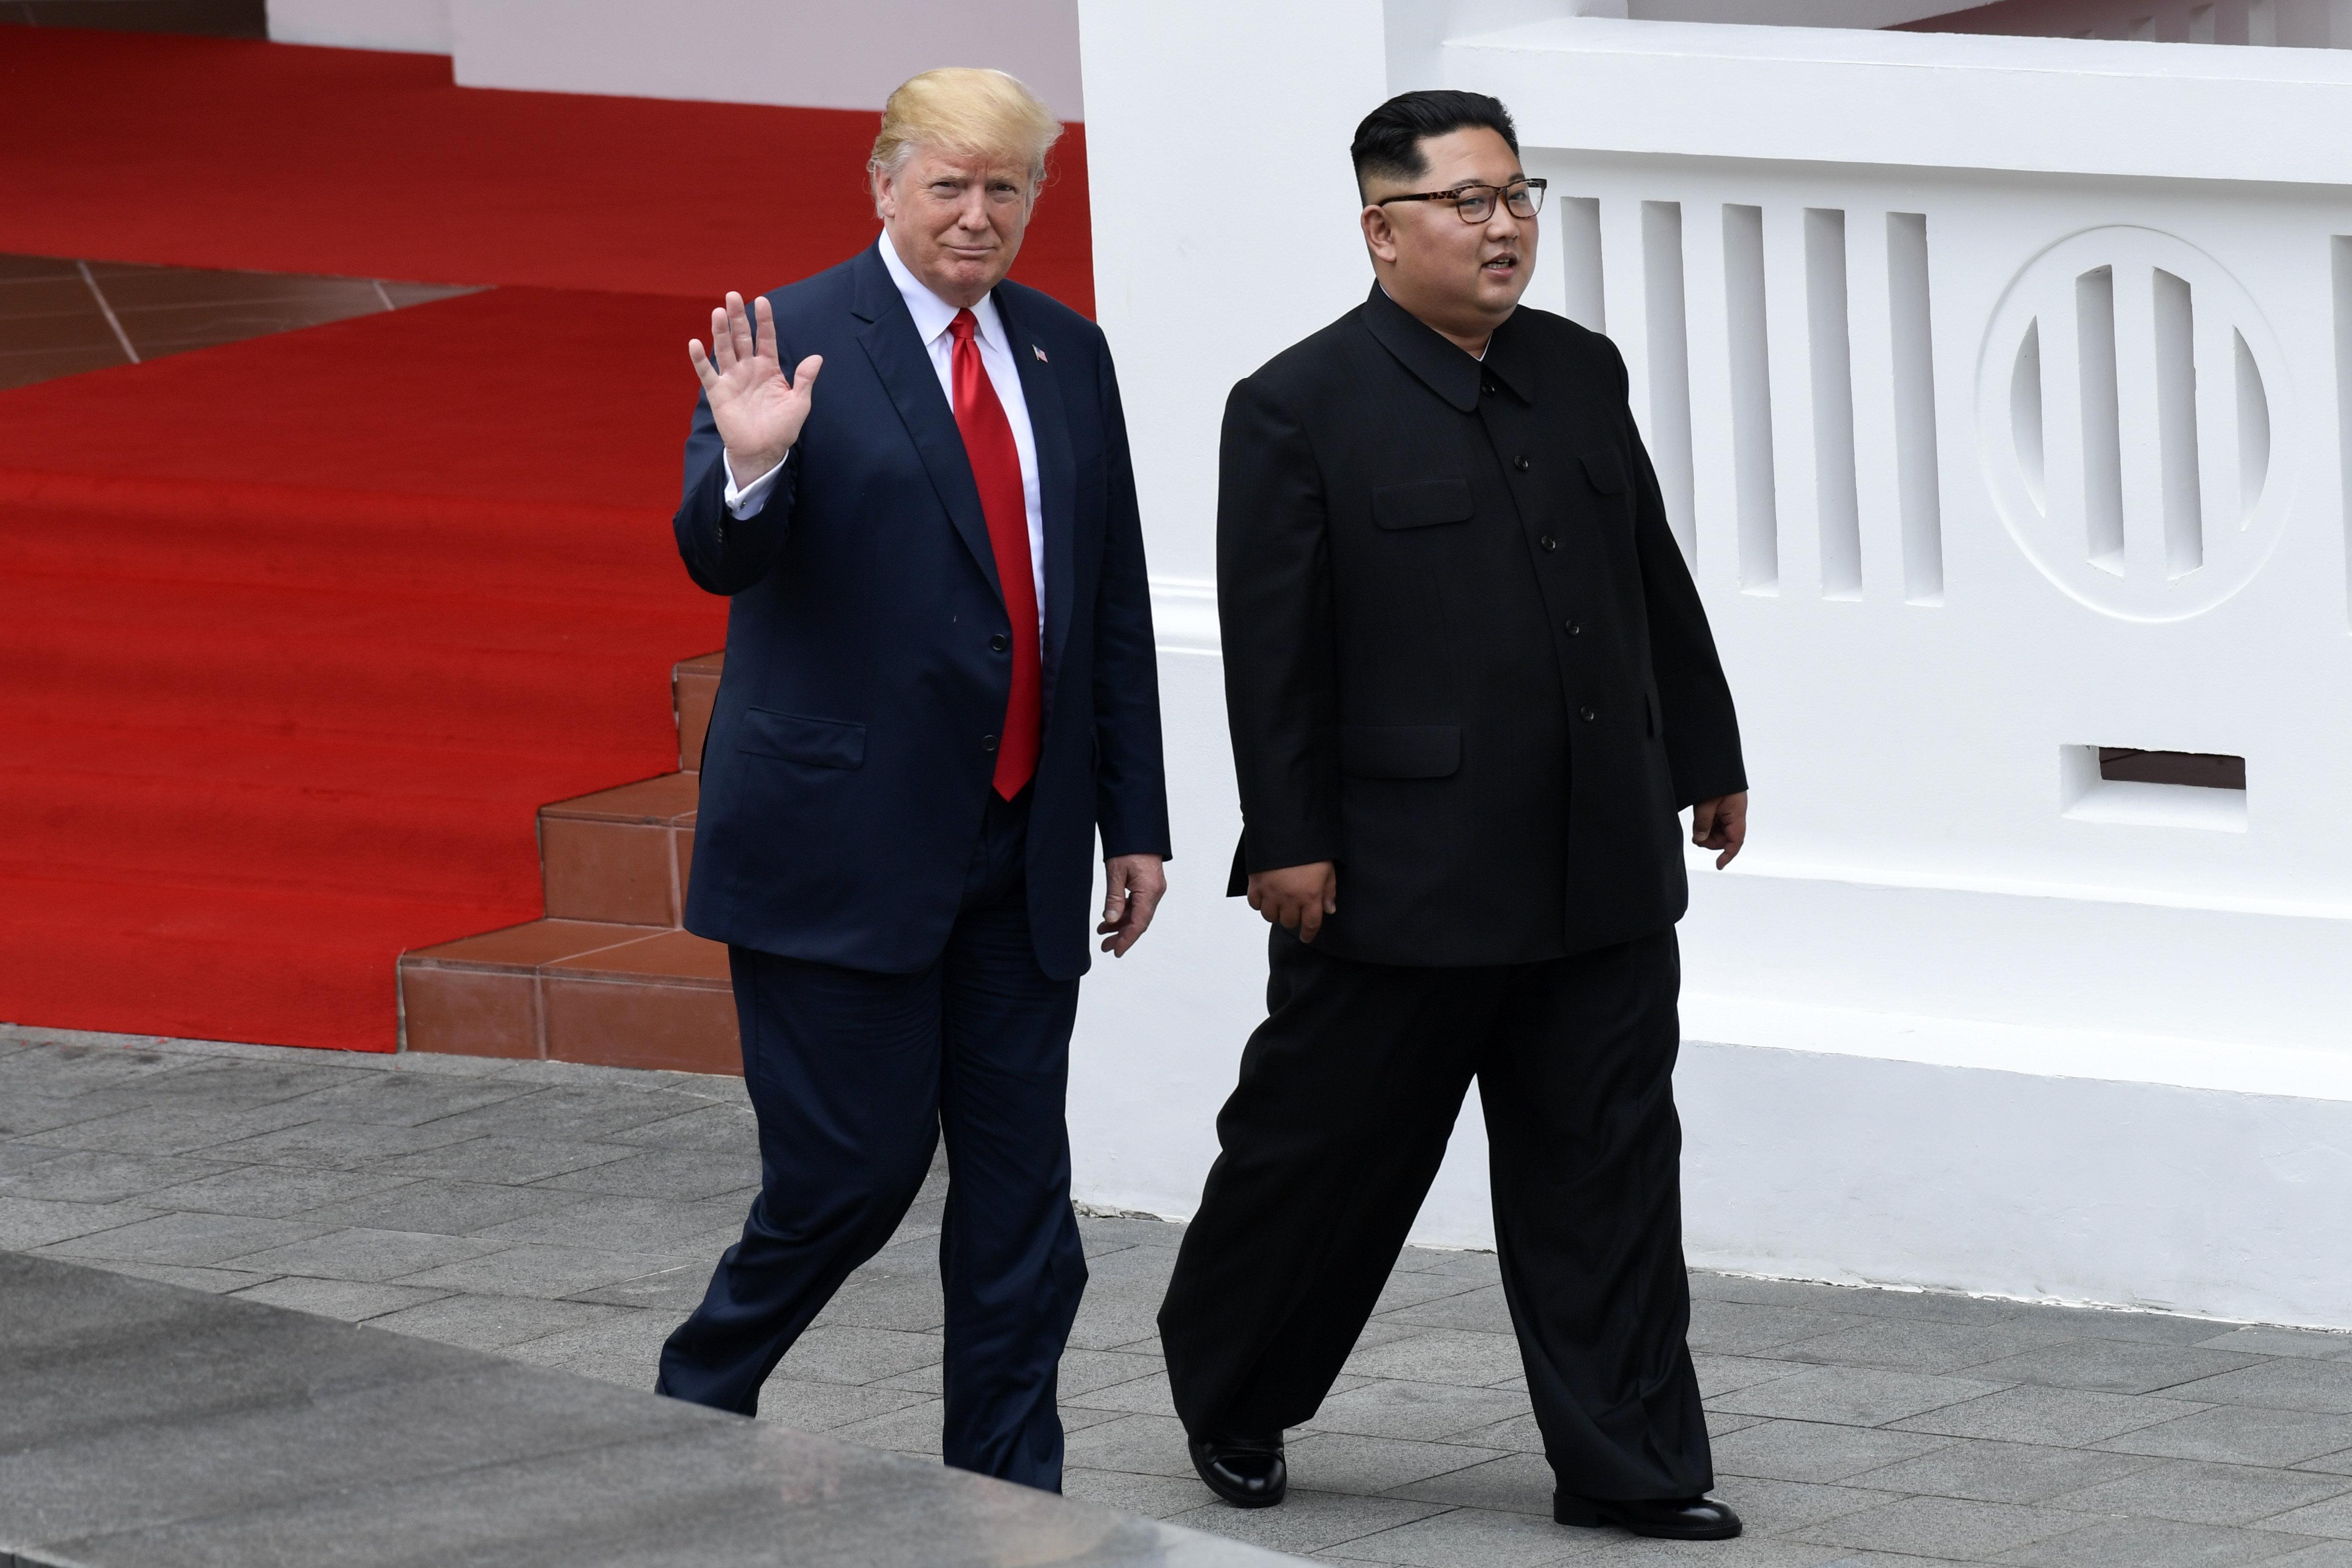 북핵 협상이 결국 실패한다면 어떤 일이